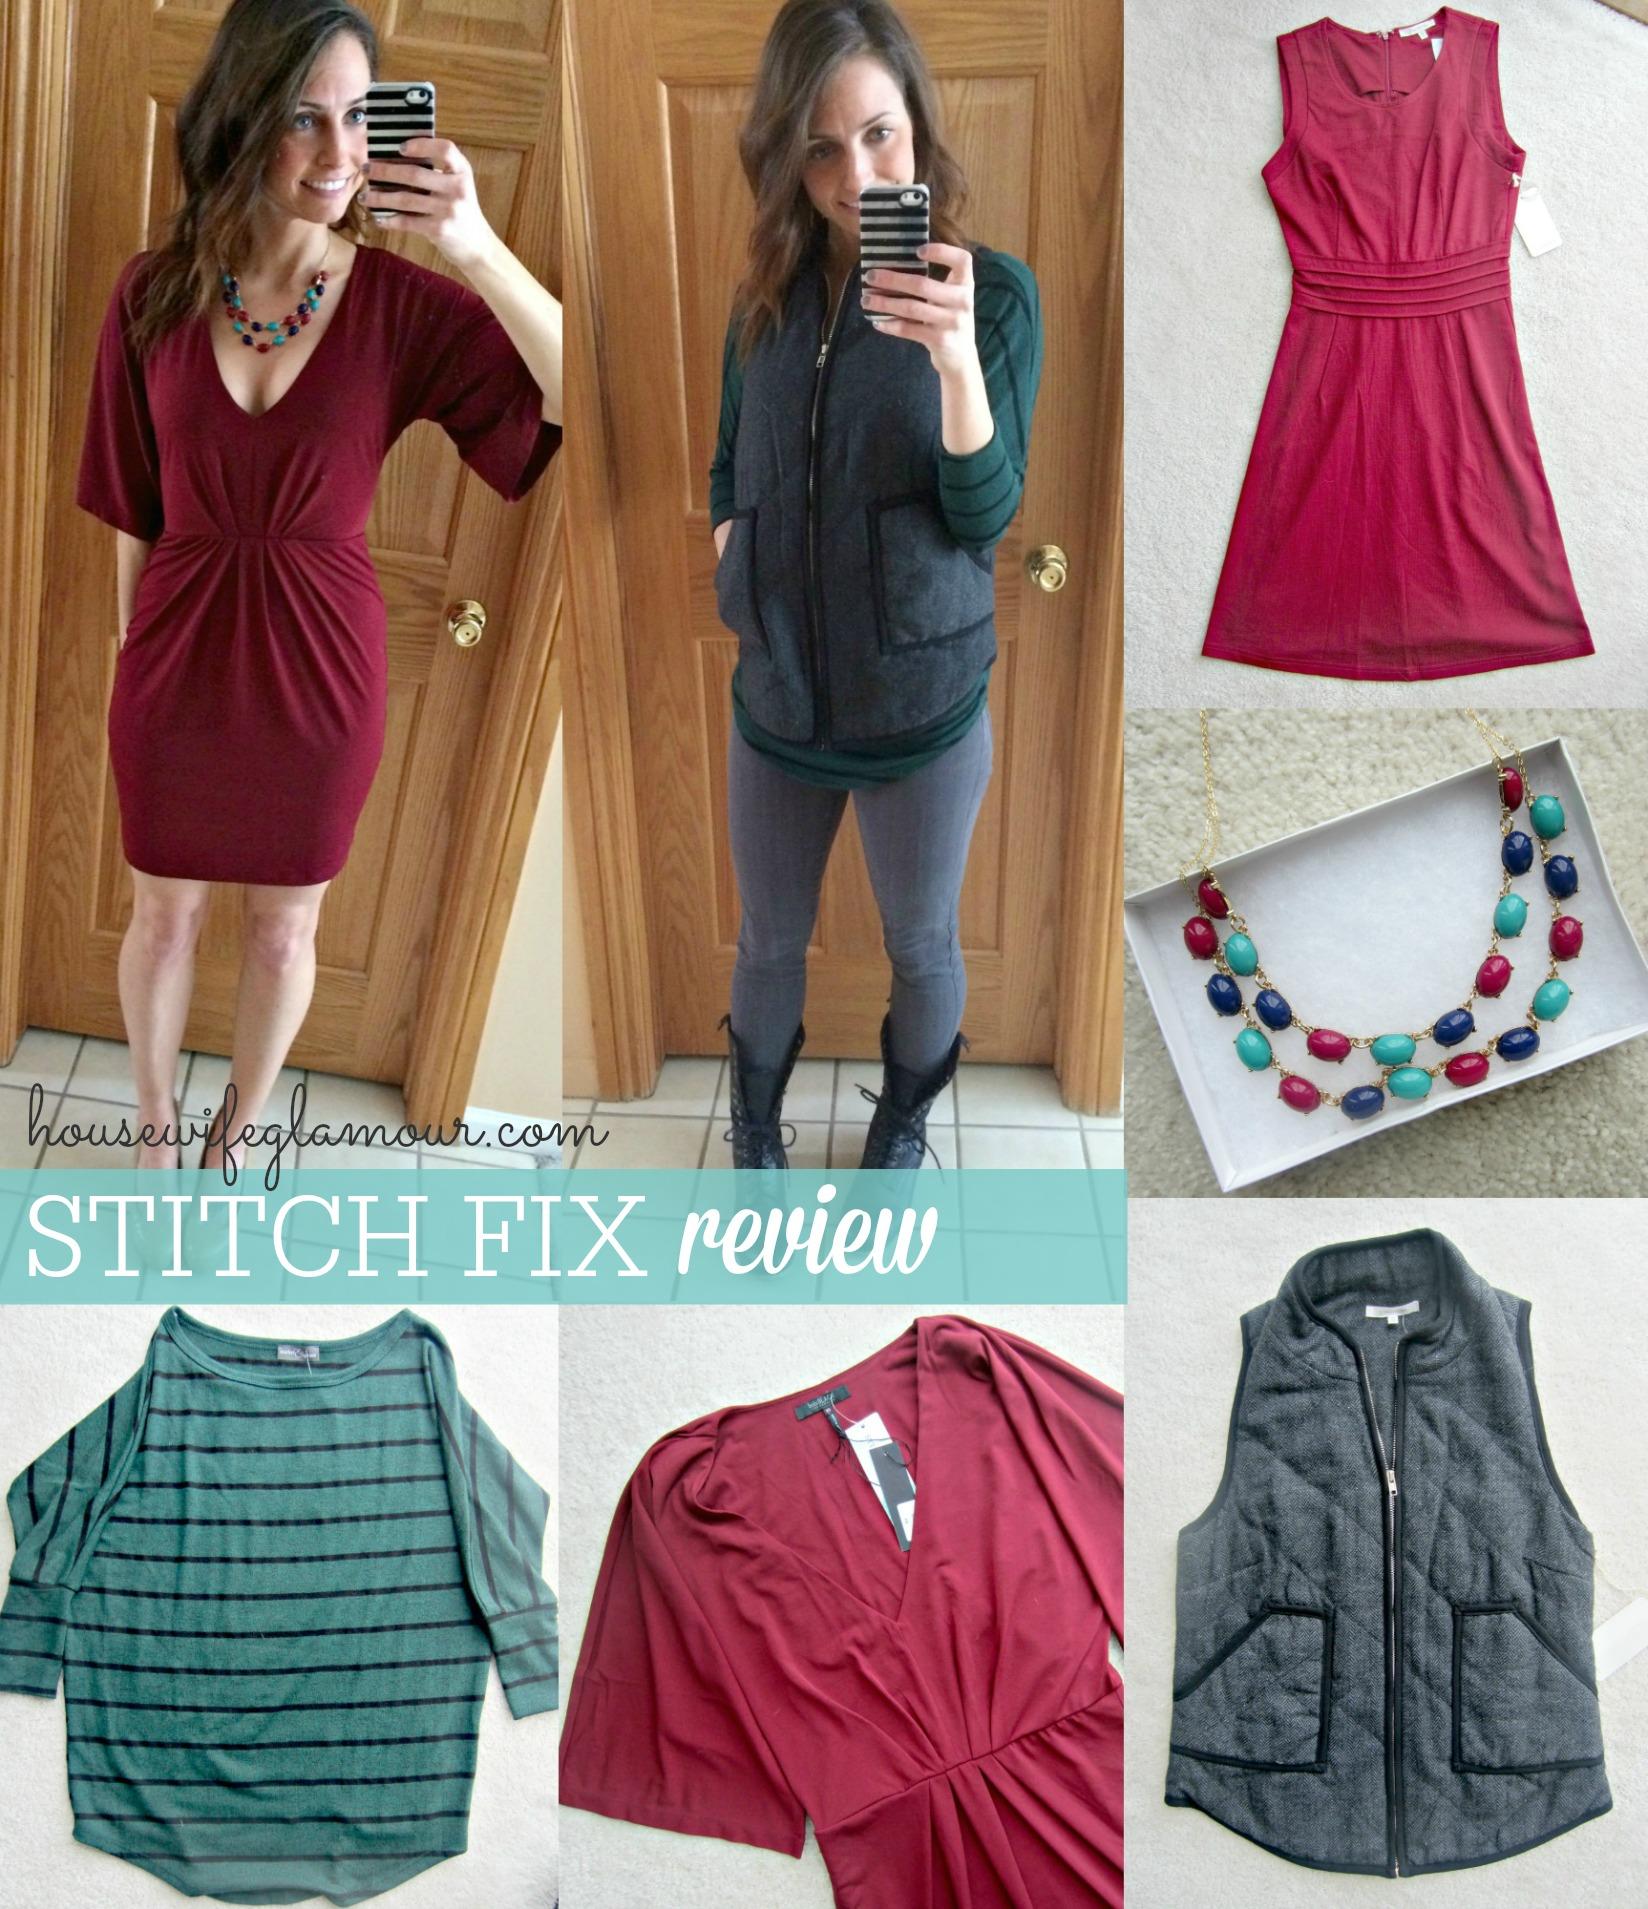 stitch fix february review